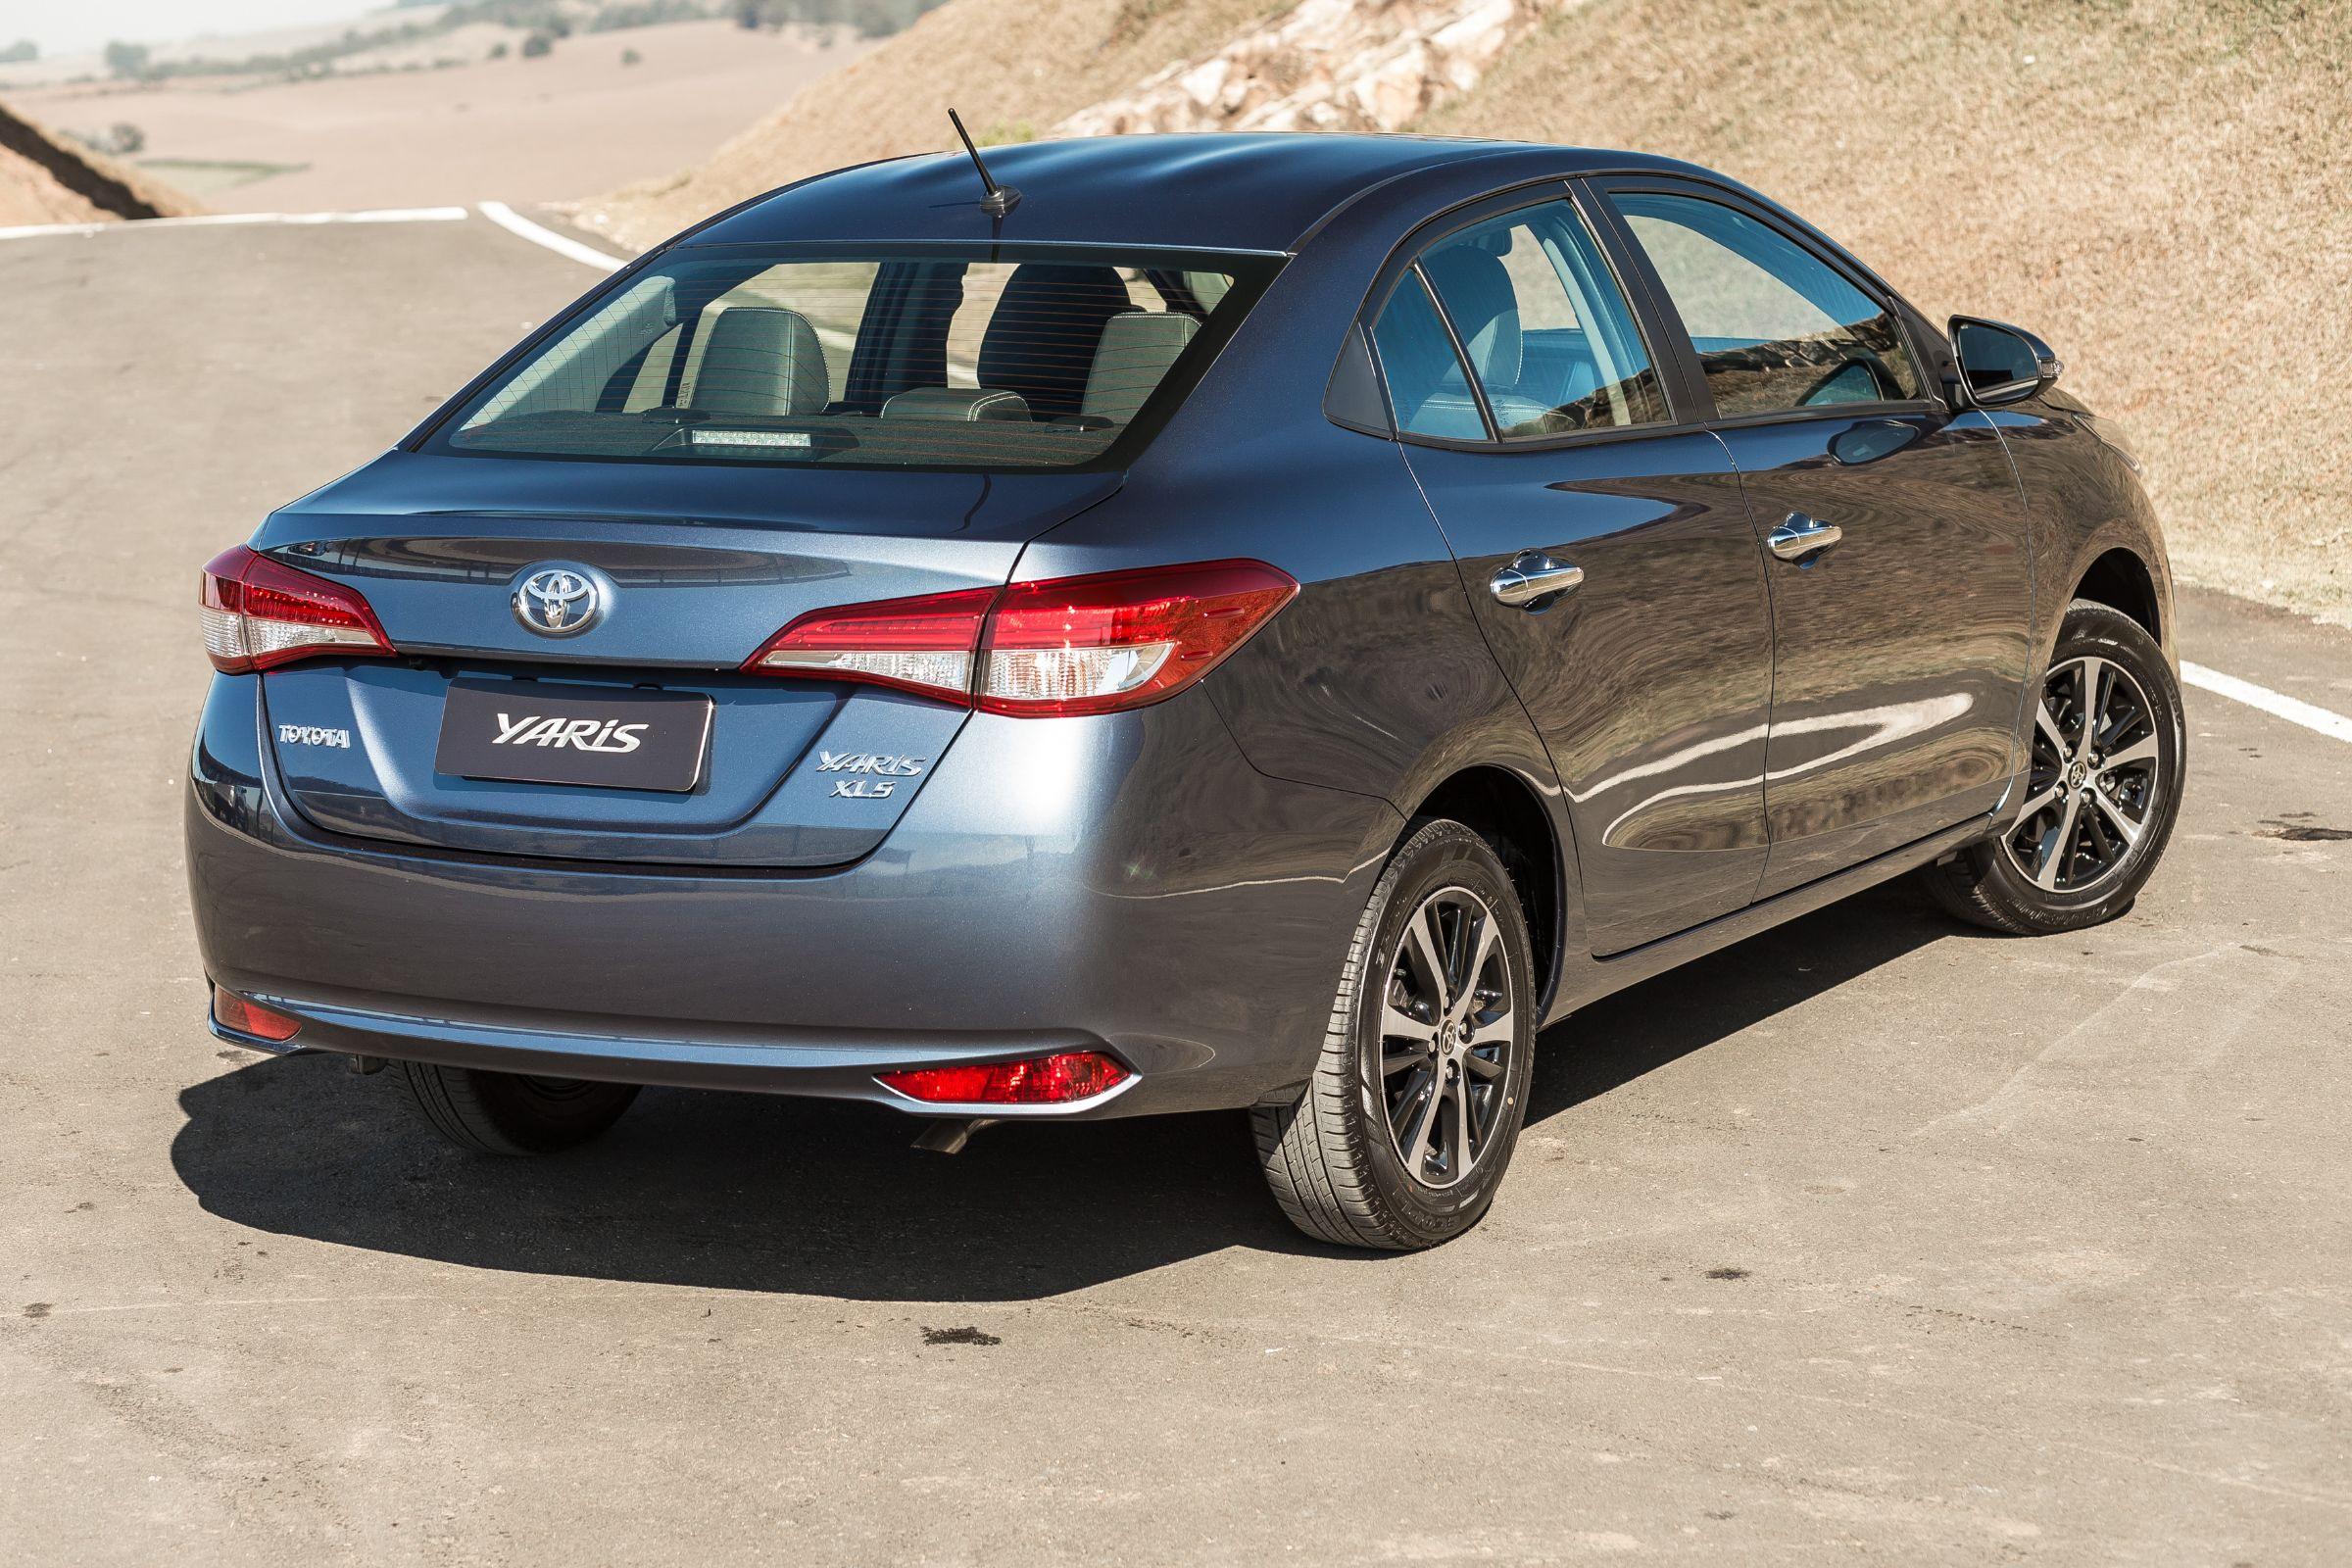 Toyota Yaris sedã: um dos lançamentos de carros mais importantes de 2018